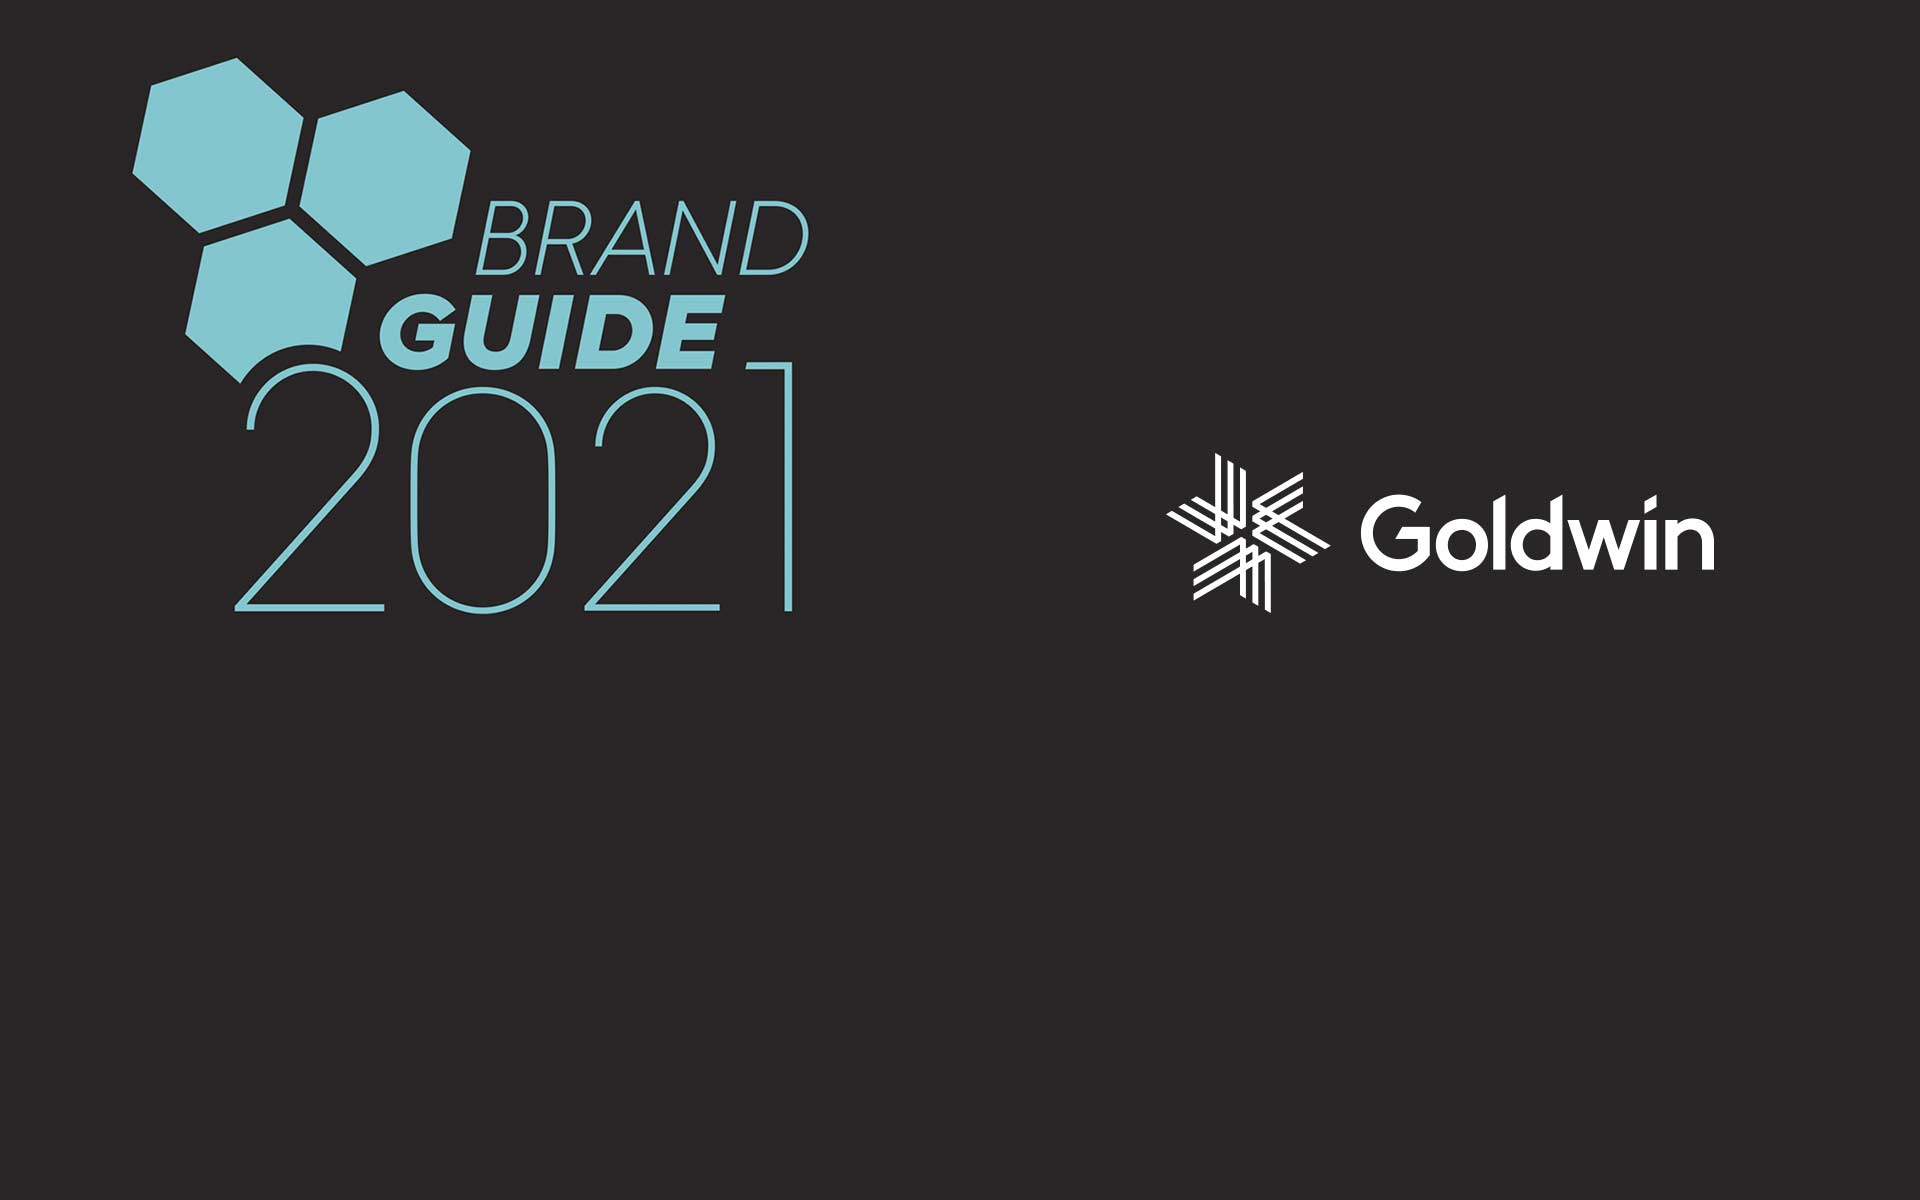 Goldwin: Outerwear mit langer Historie endlich auch in Europa (2021)